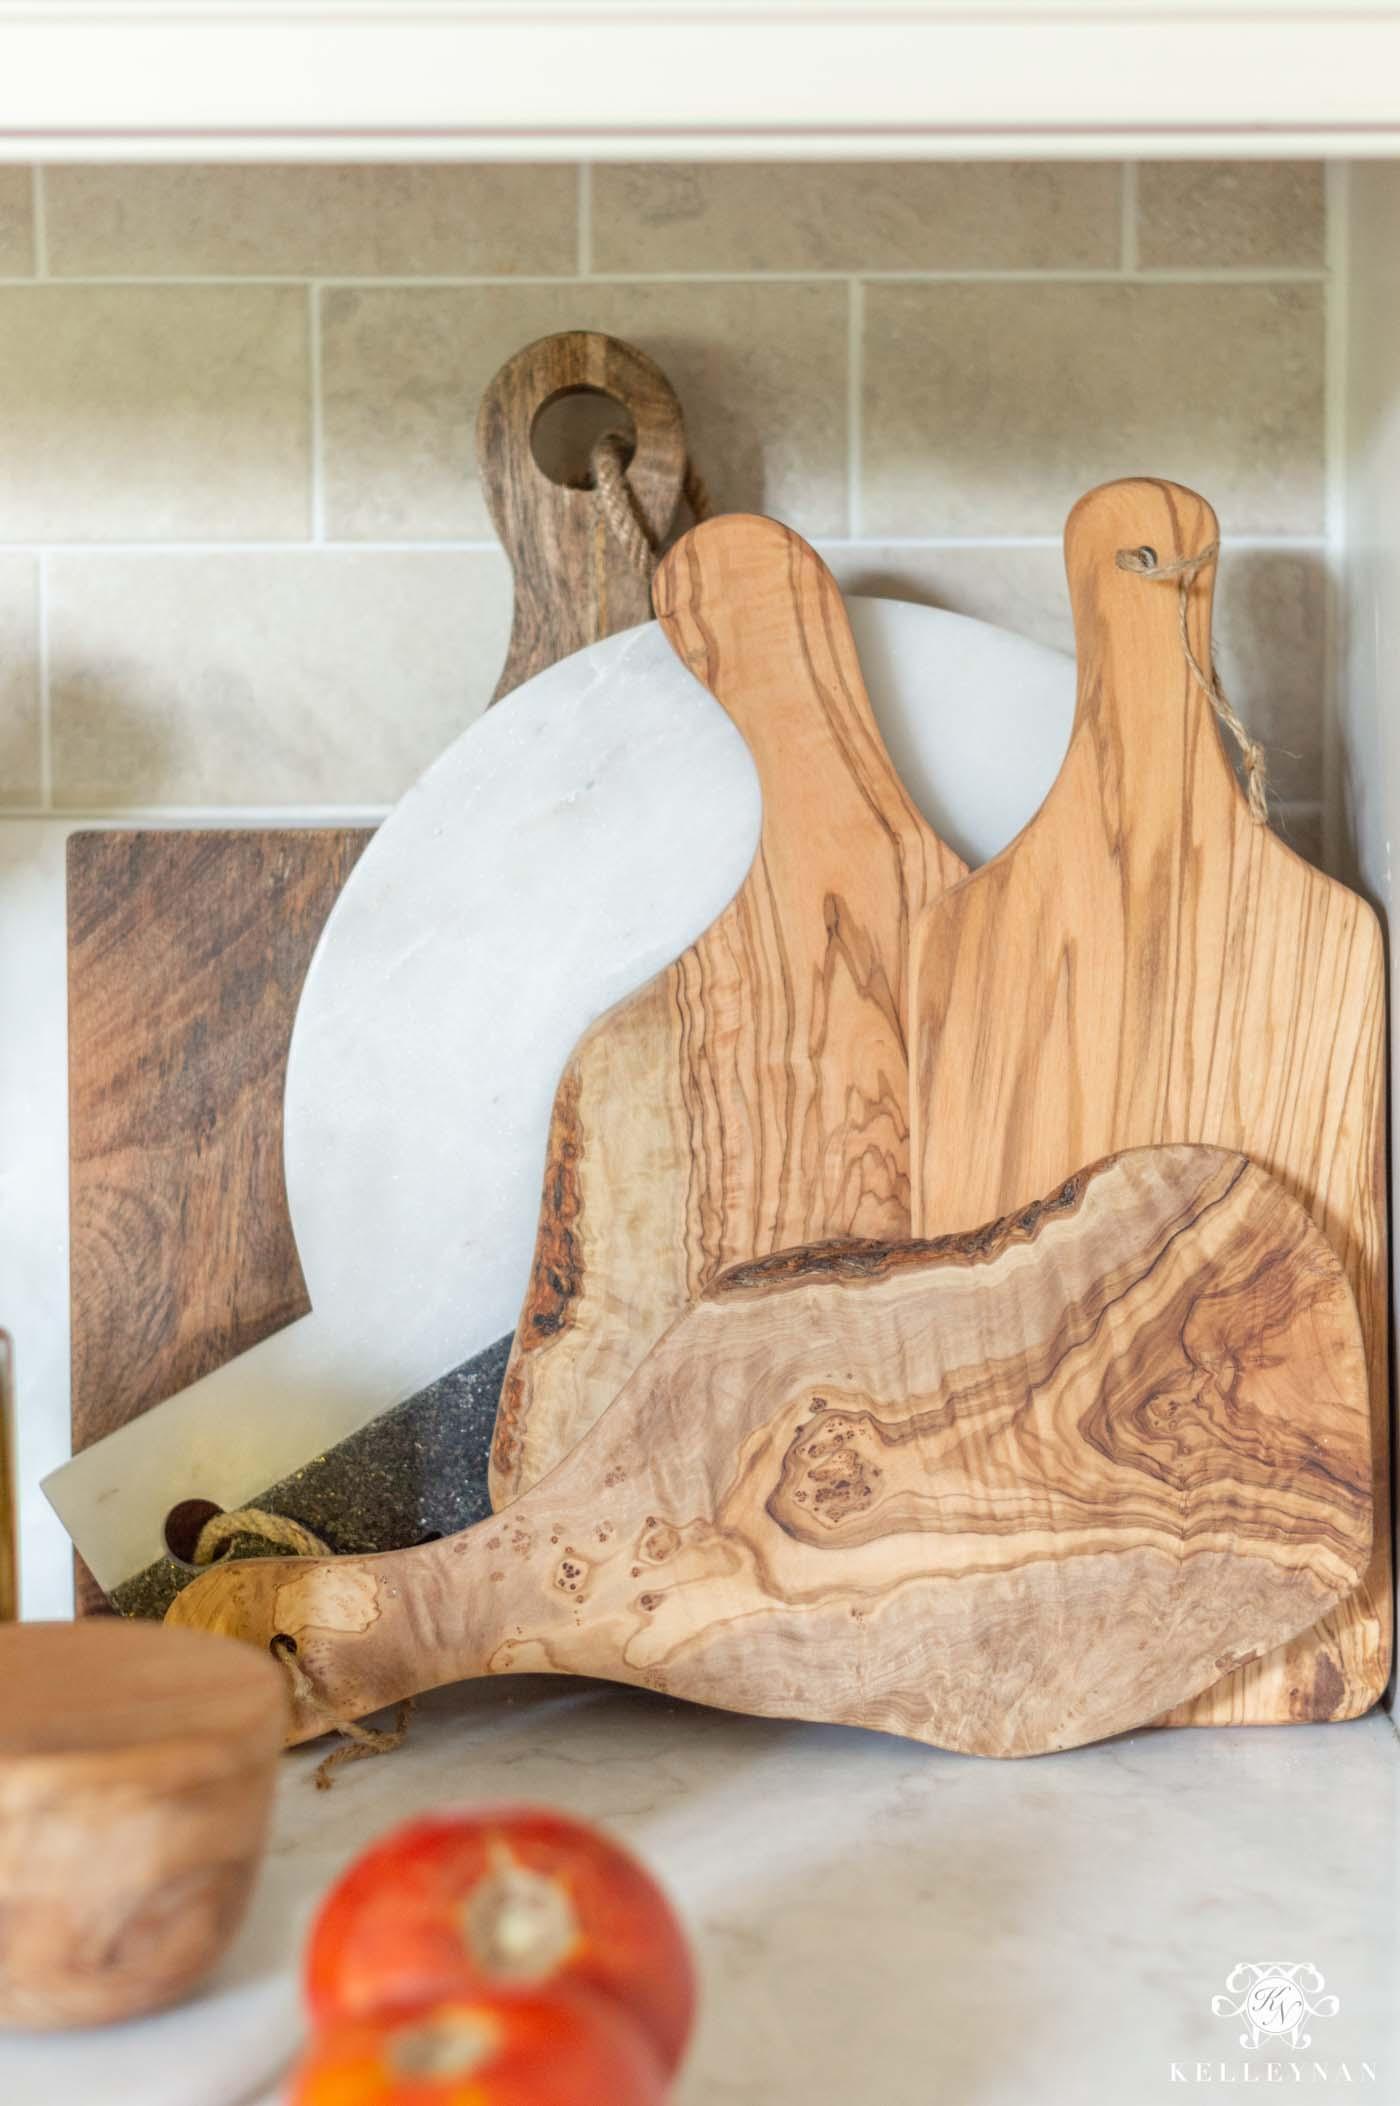 Favorite Kitchen Accessories and Countertop Decor